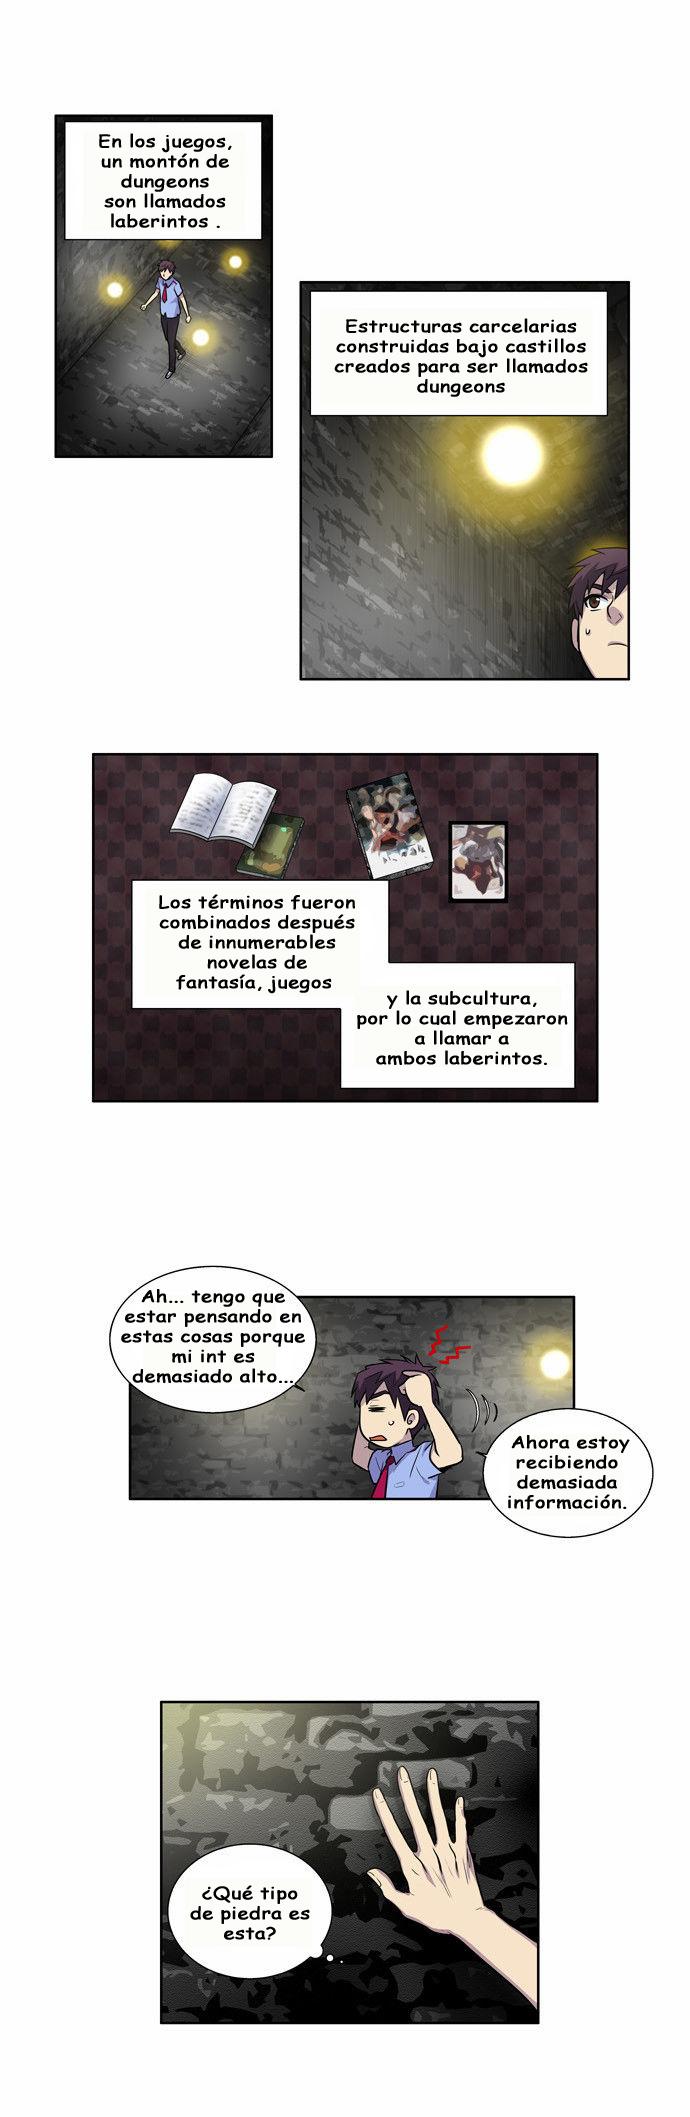 http://c5.ninemanga.com/es_manga/61/1725/396908/5307358f712dba07ab3a21f109d0fb2b.jpg Page 8